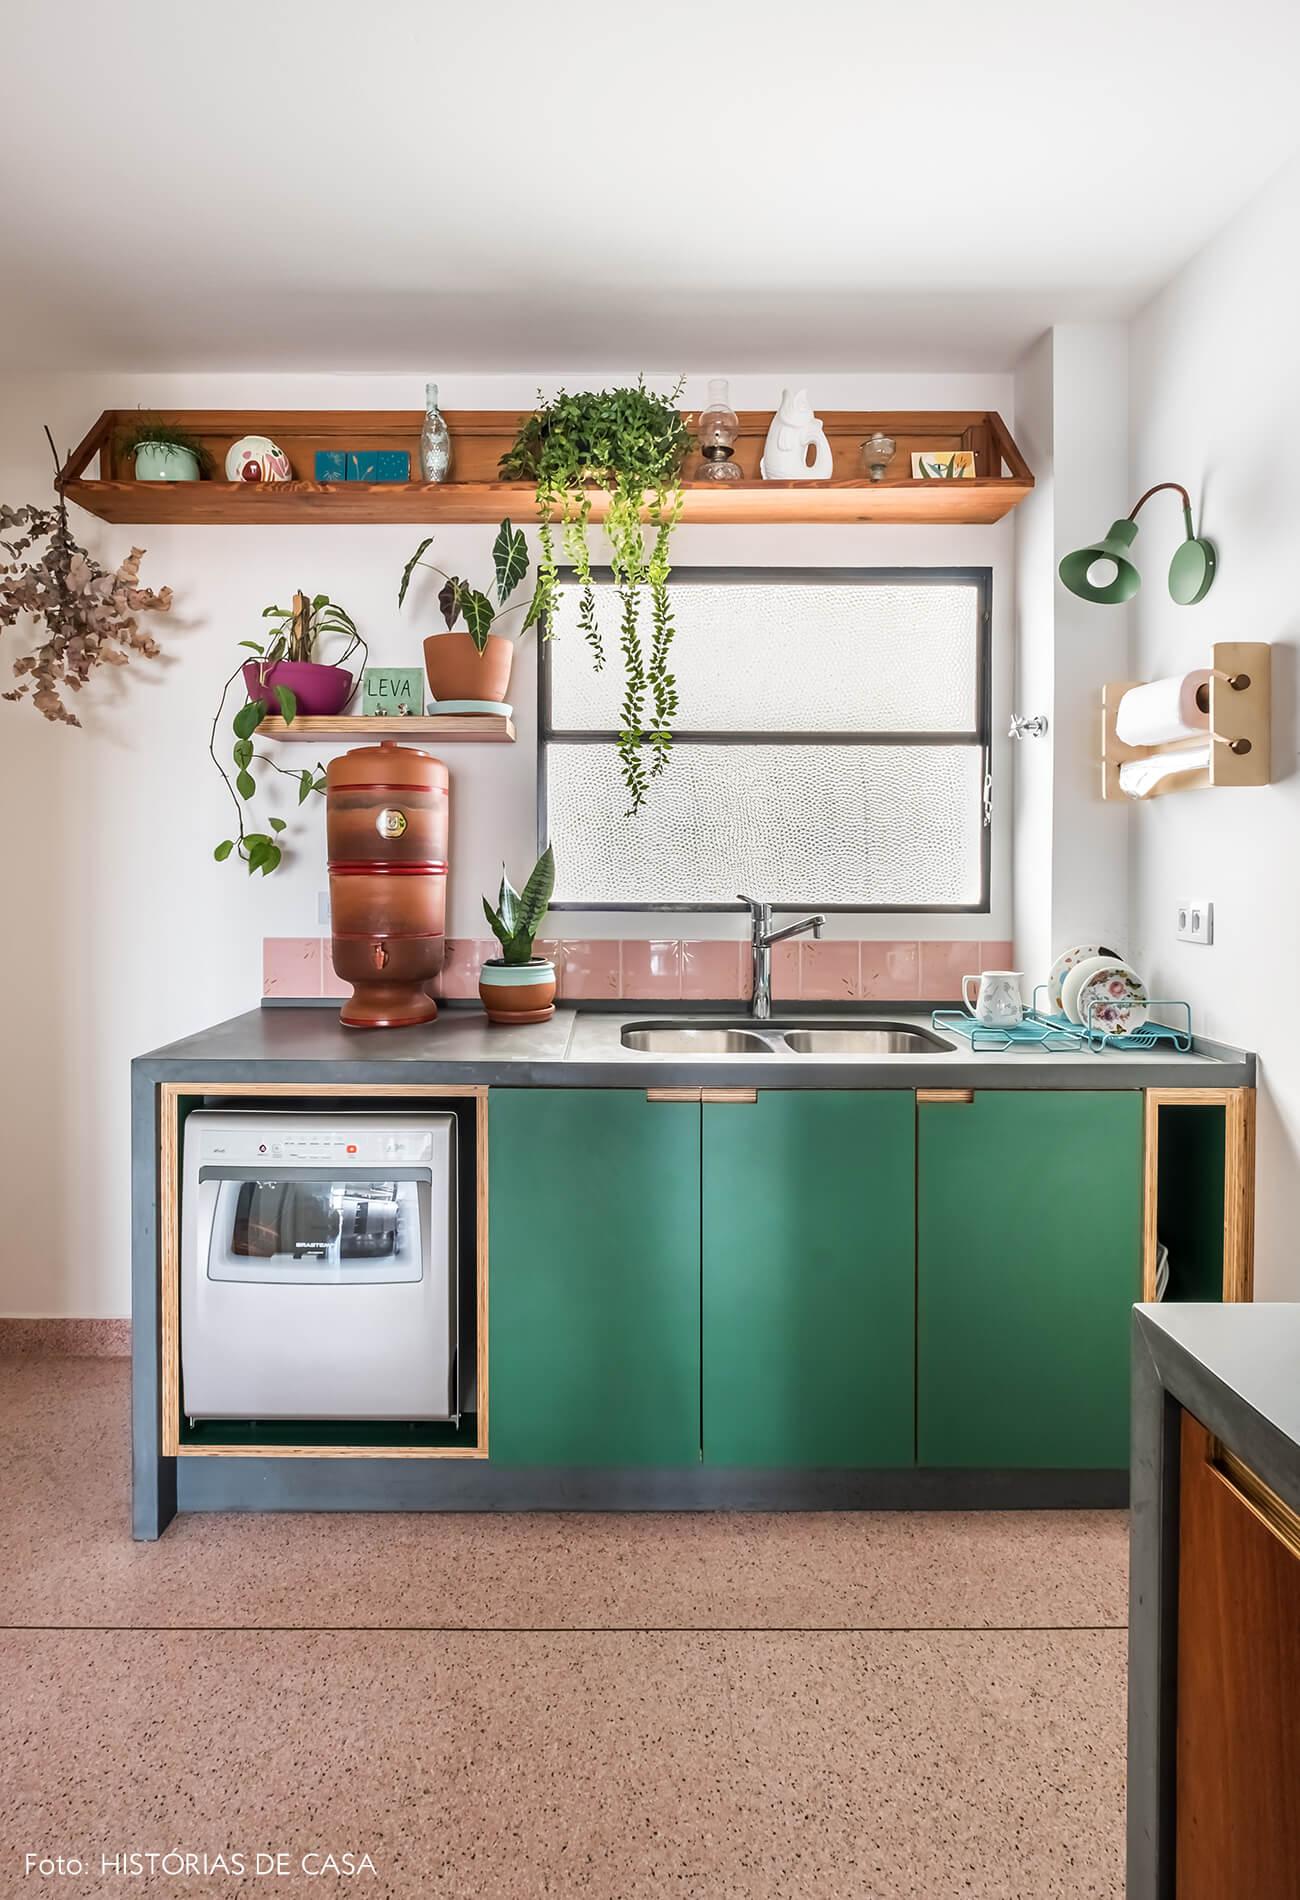 Cozinha com armários de marcenaria e serralheria, armário verde